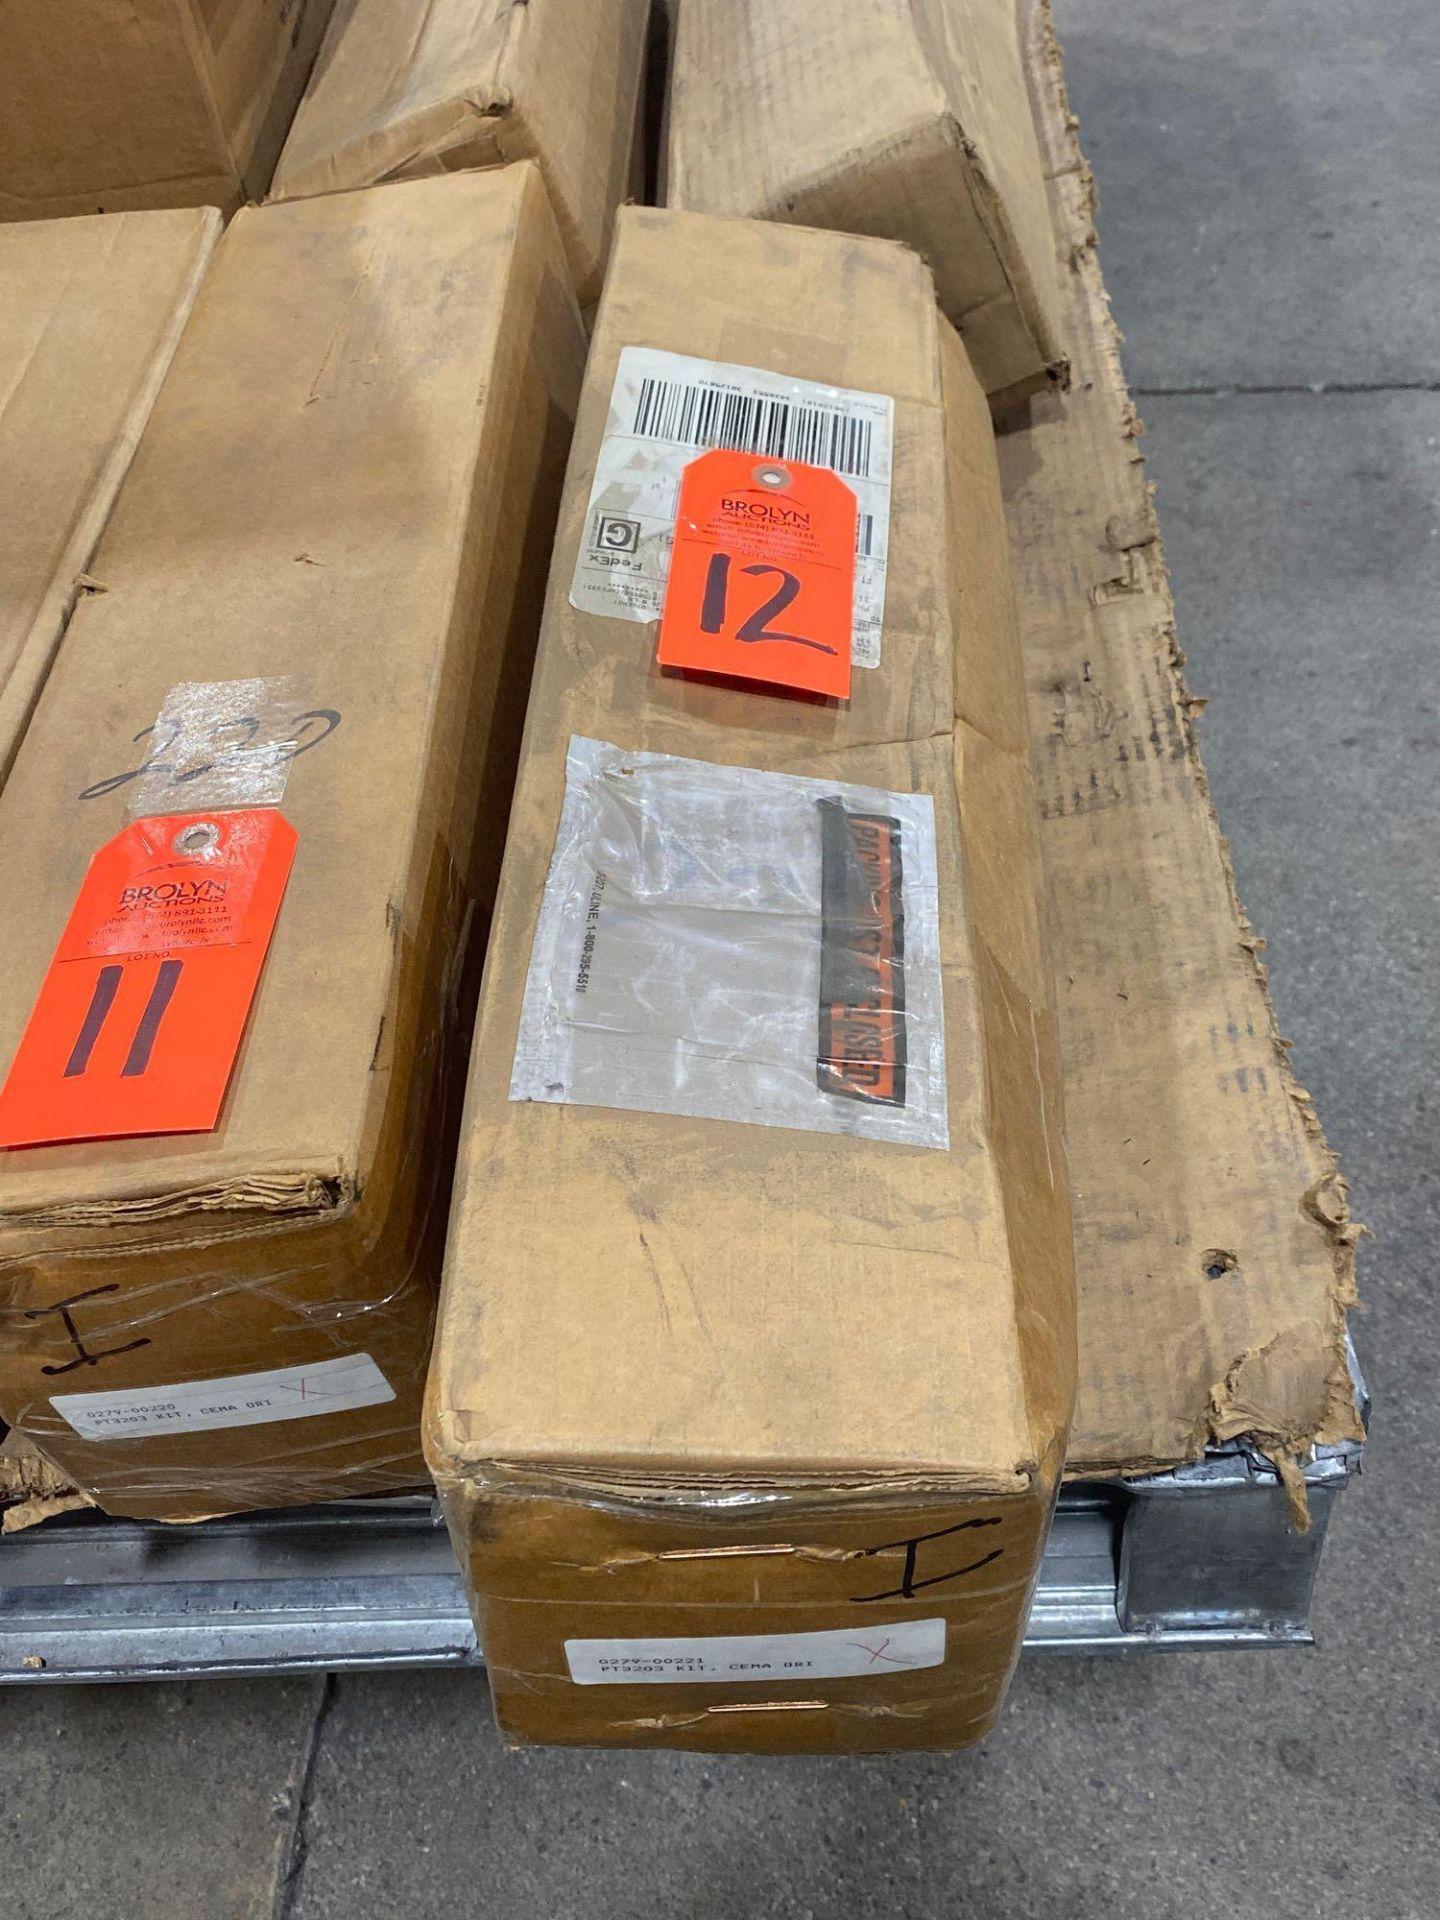 Lot 12 - Hub City model 0279-00221 kit. New in box.